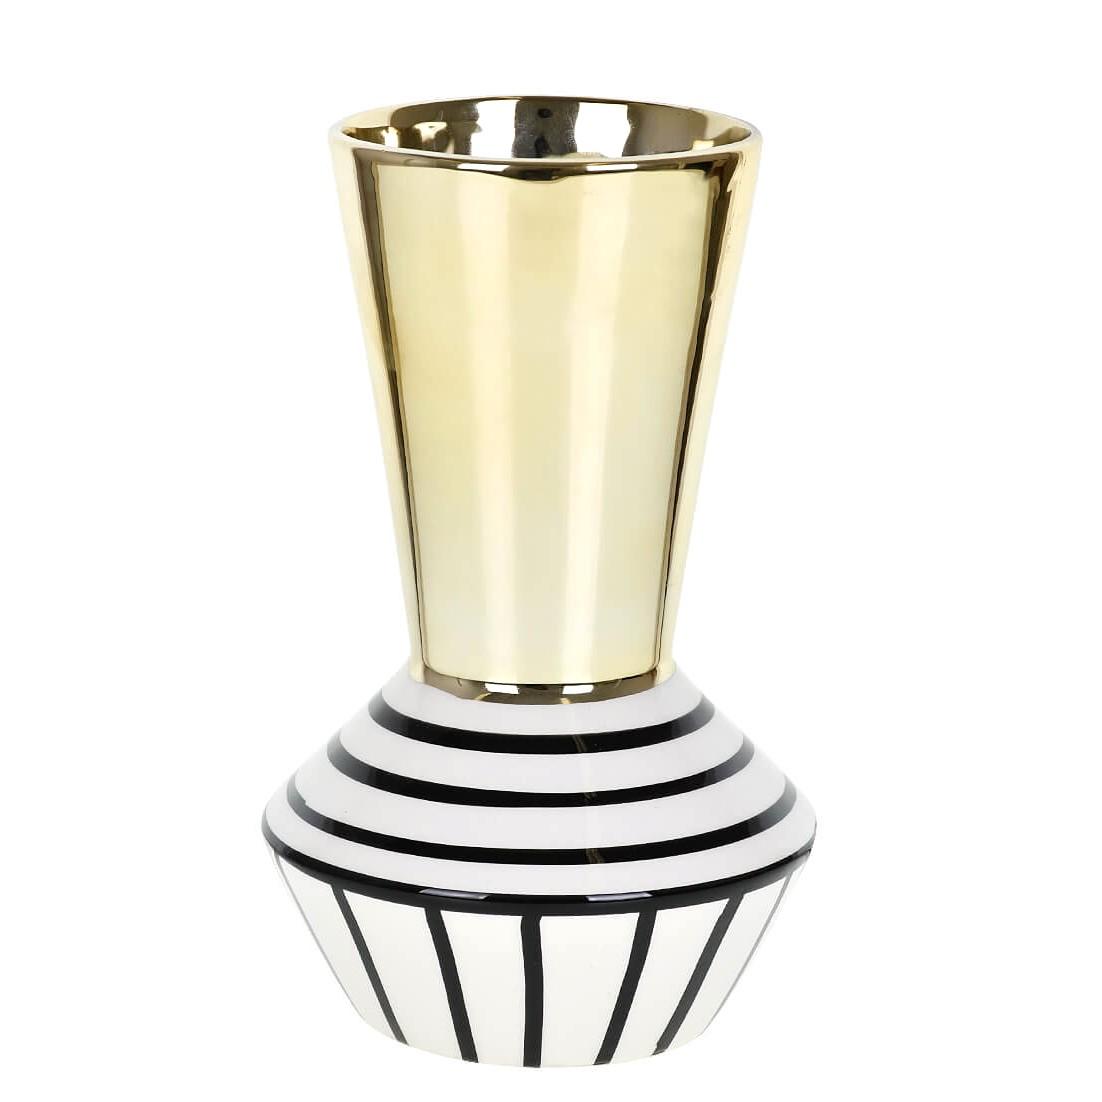 Vaso Decorativo Ceramica Asteca 21cm Dourado